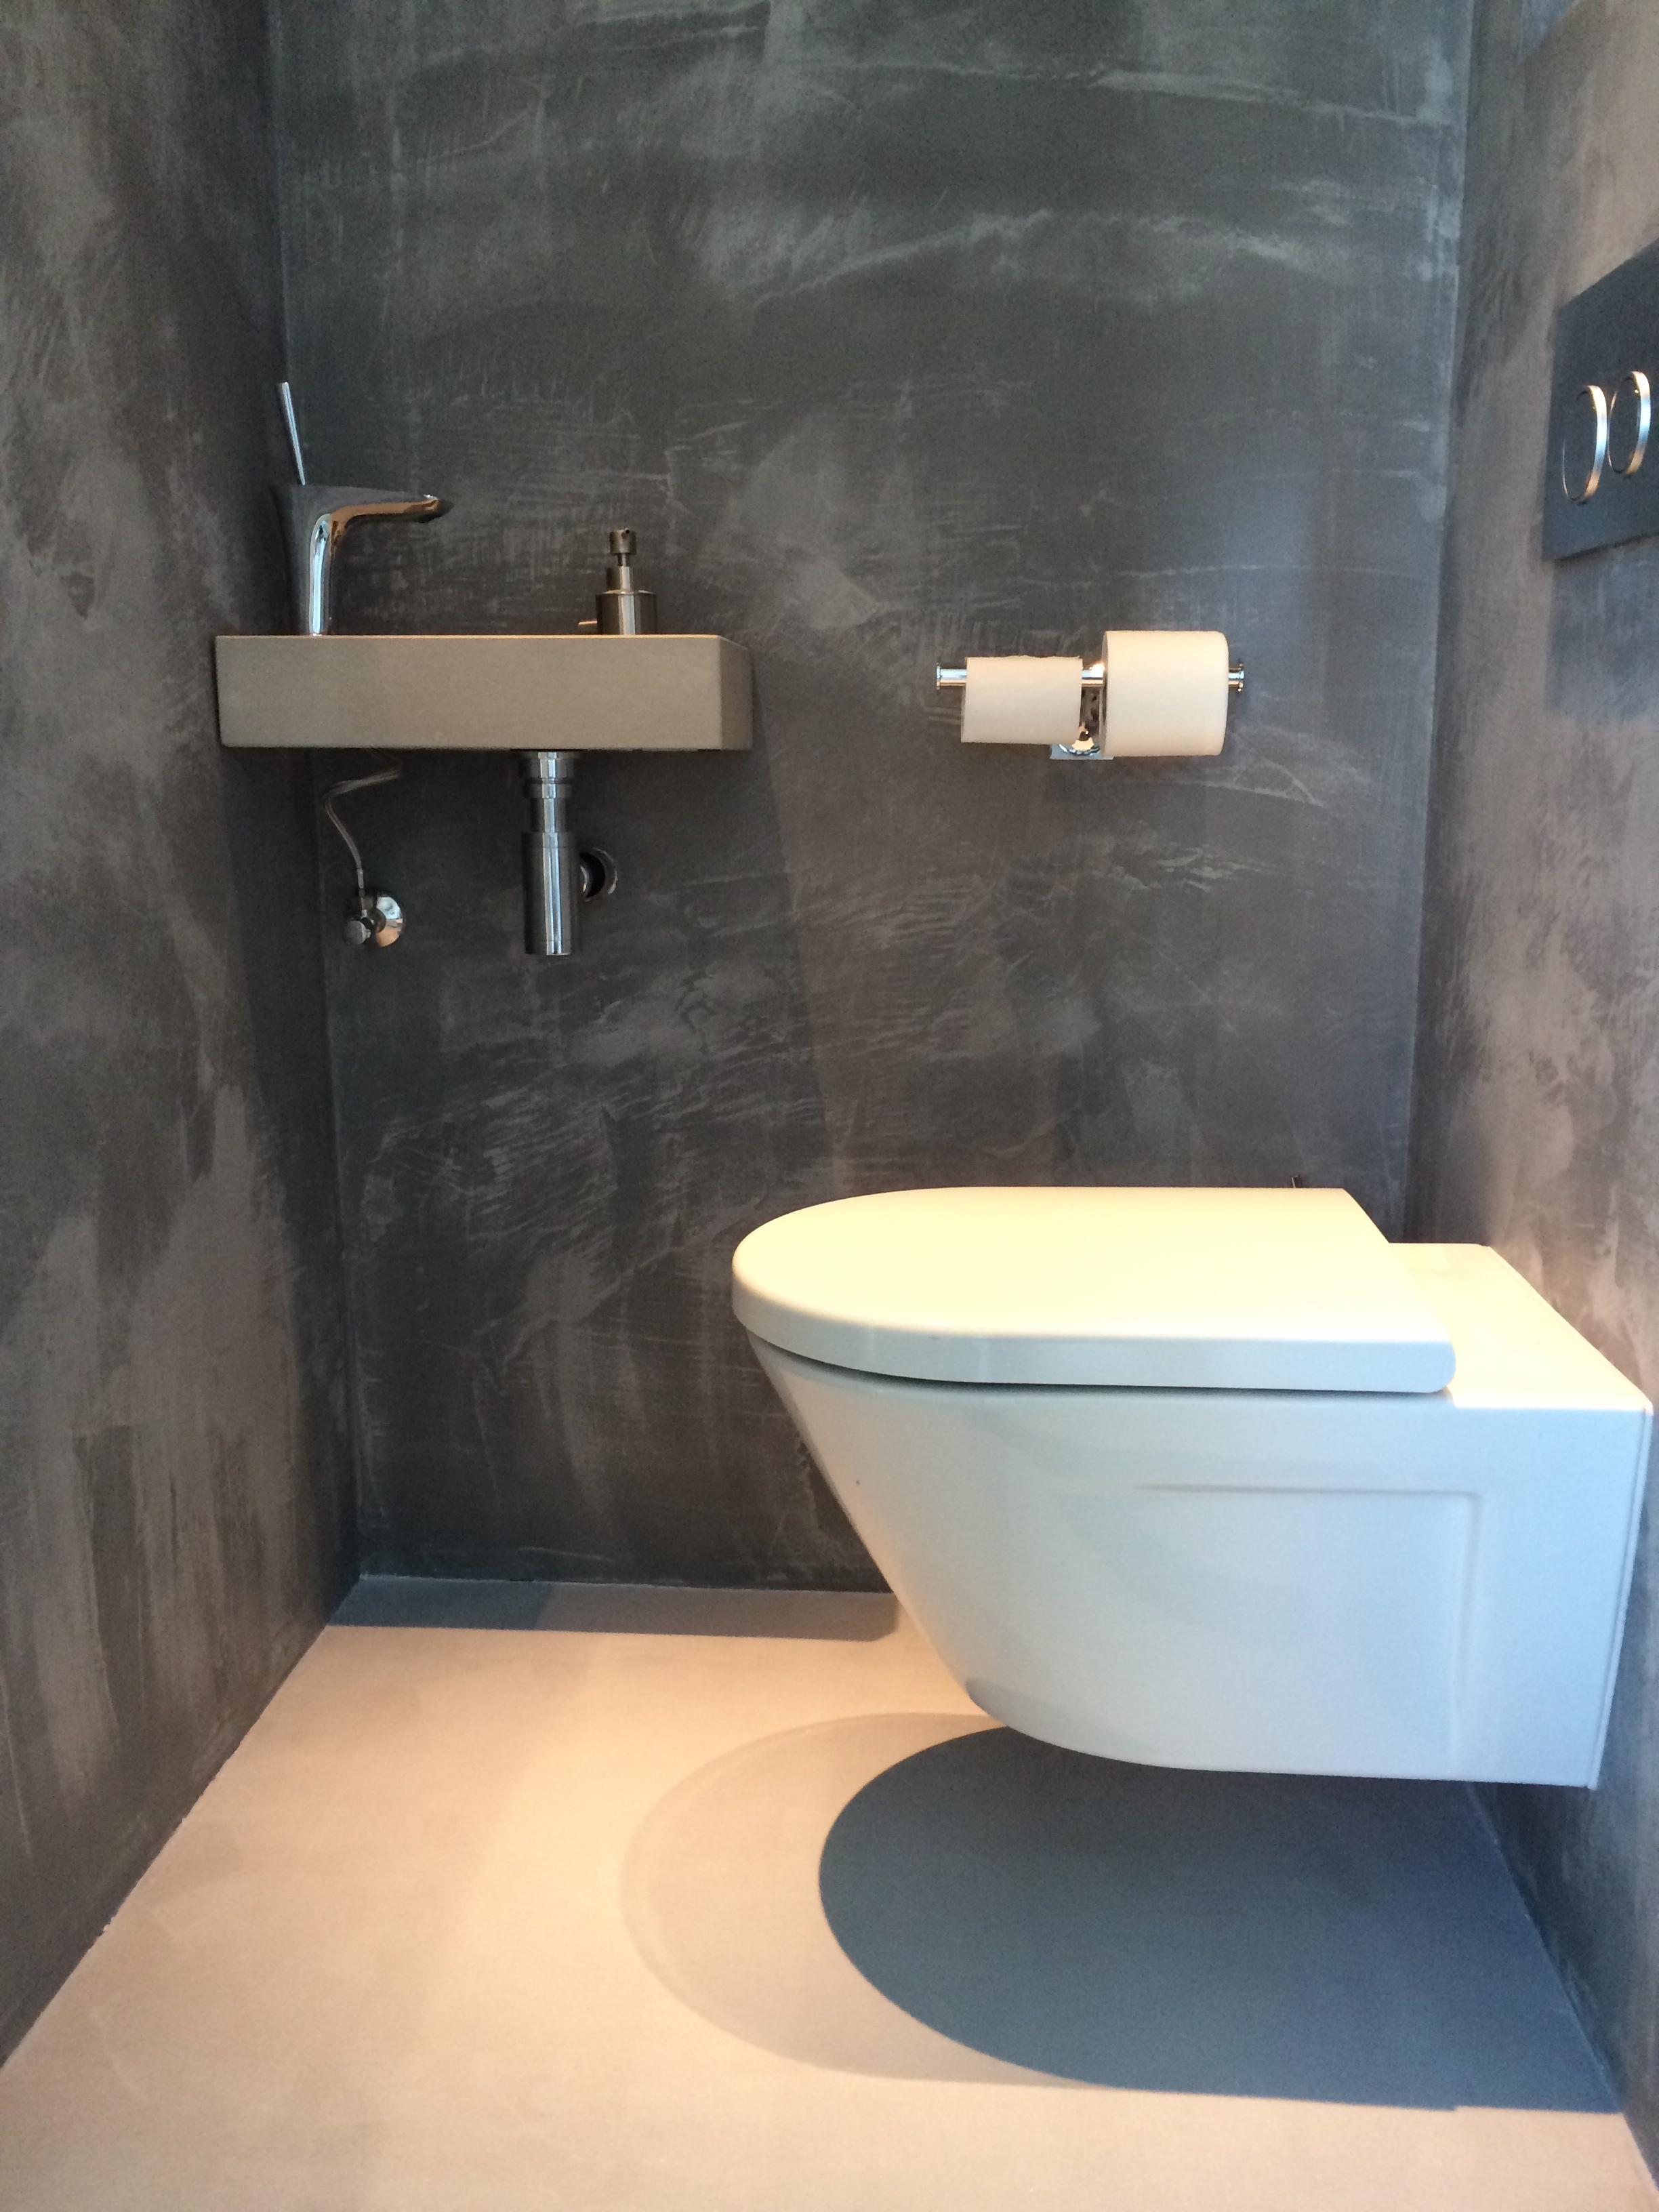 Toilettes carrelage mural and conception de toilette on pinterest - Deco toilet grijs ...